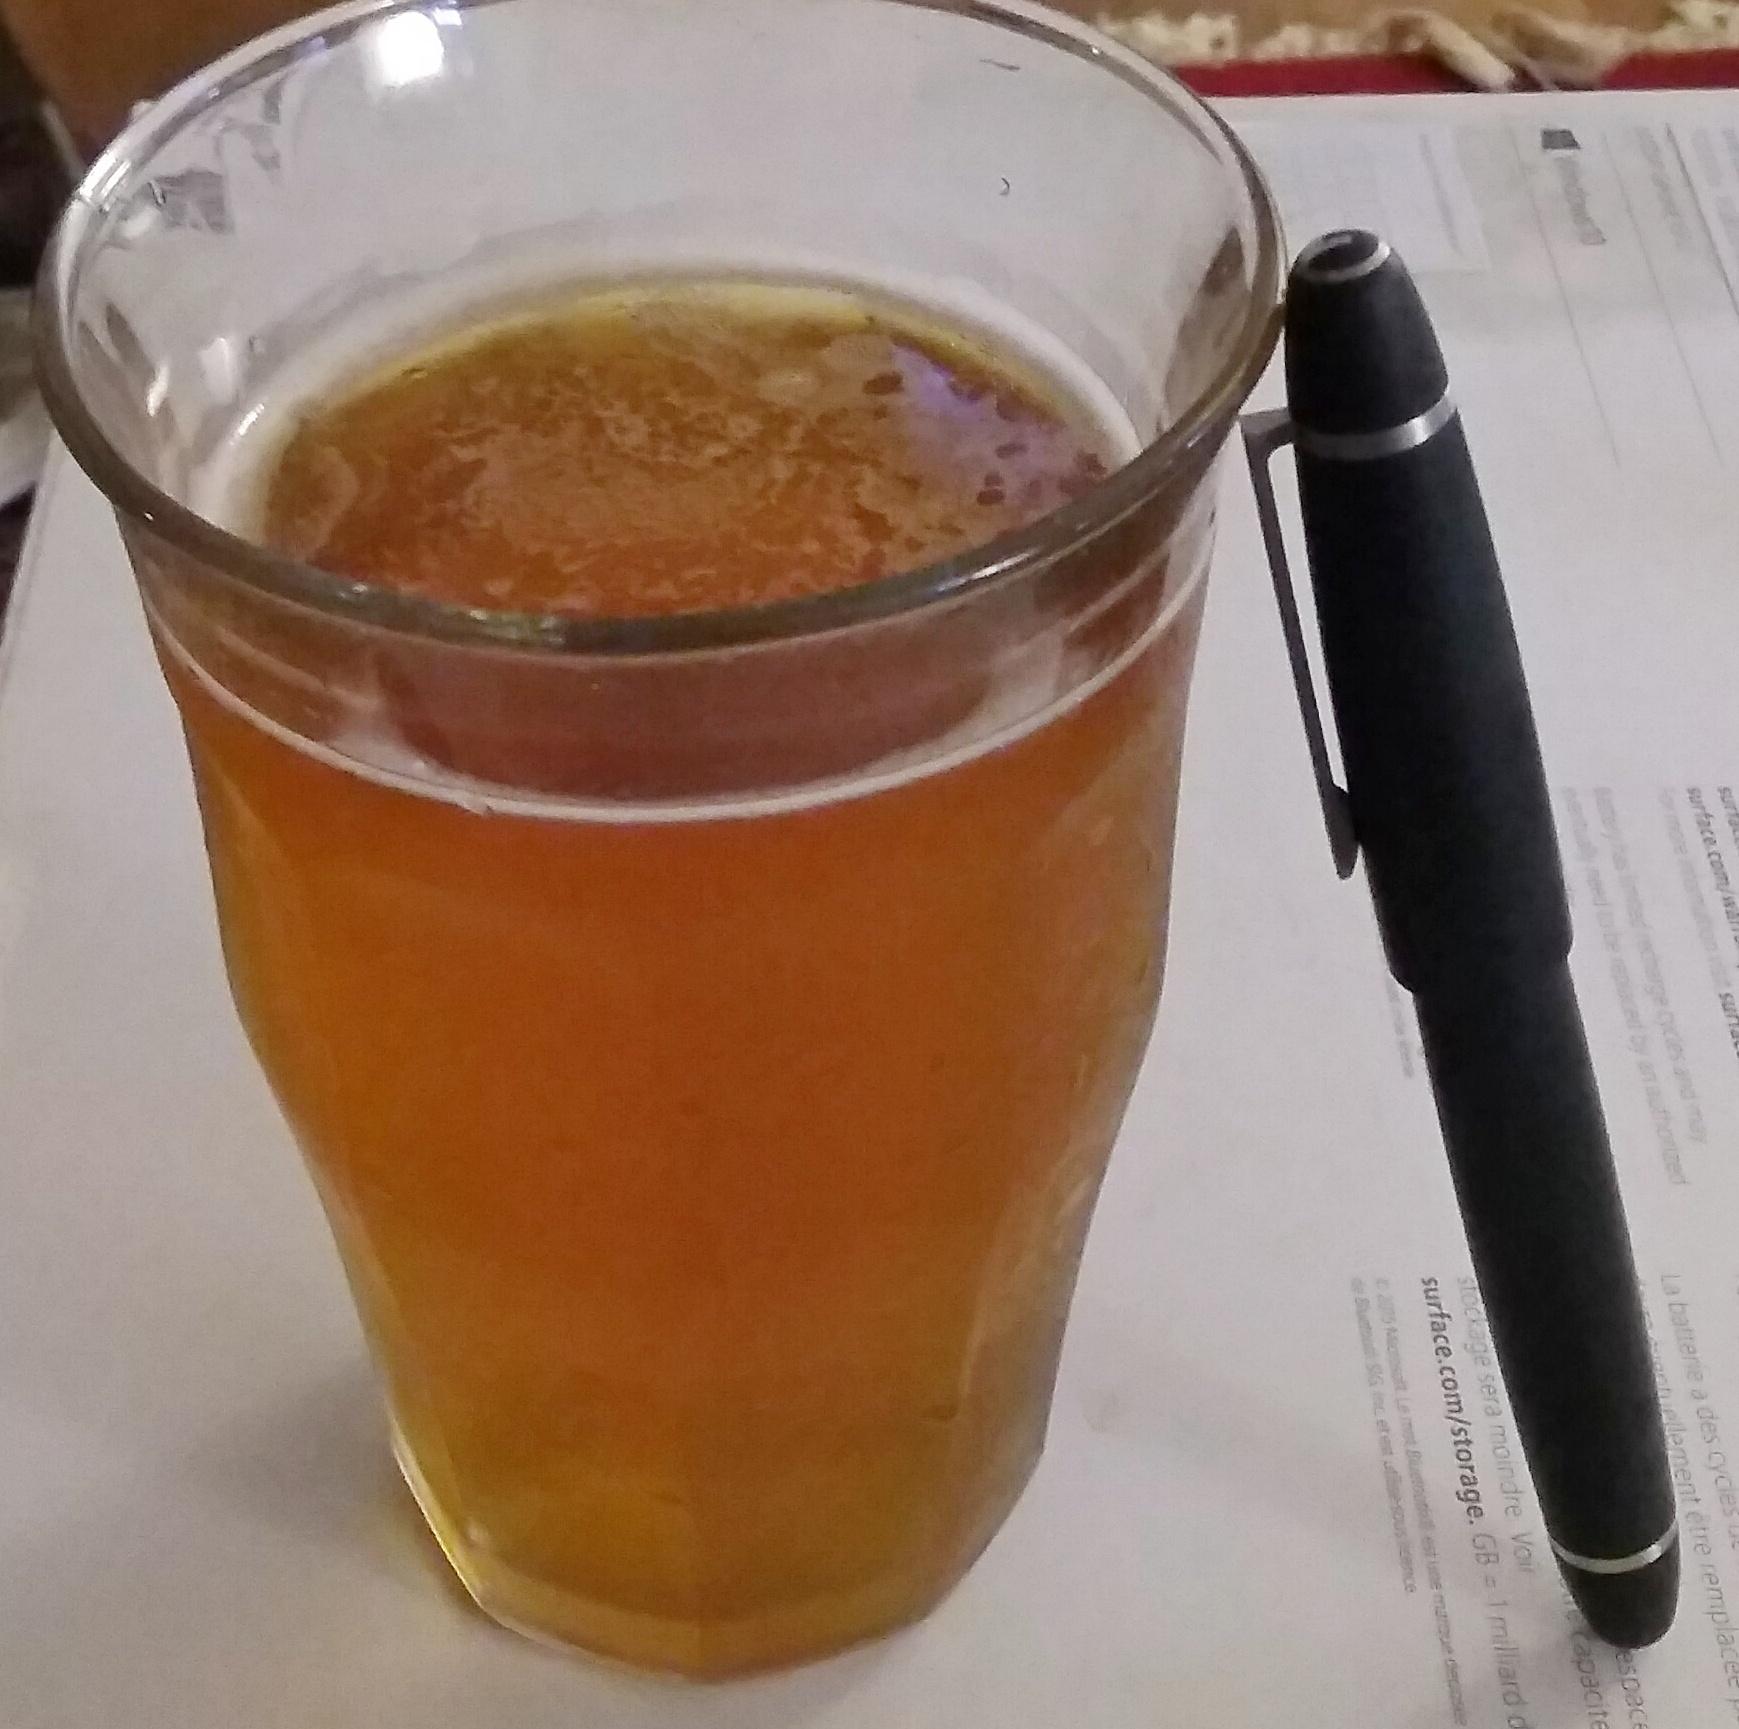 fpn_1560819276__beer.jpg